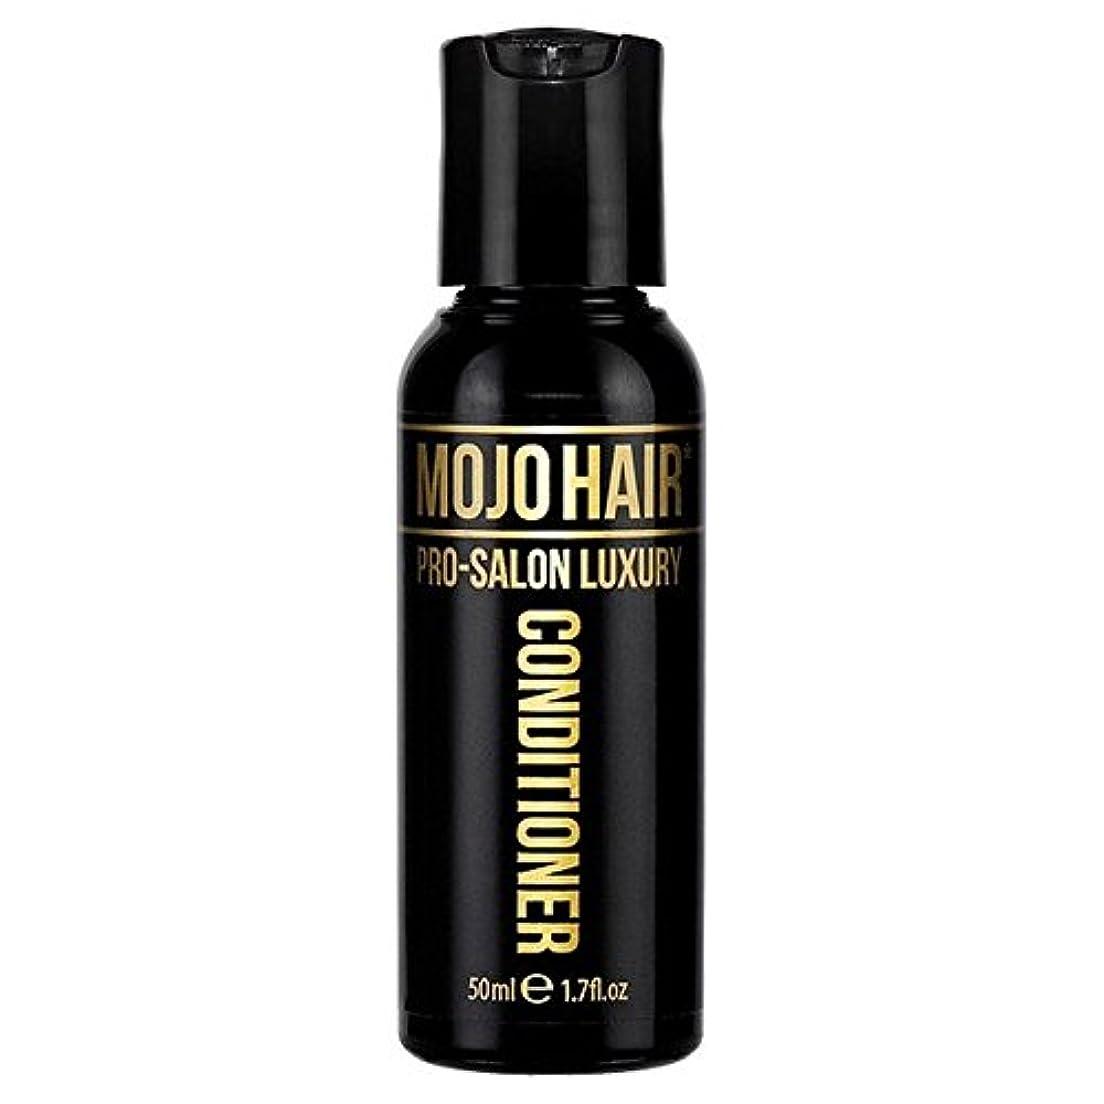 バルセロナ動物園トラップMOJO HAIR Pro-Salon Luxury Fragrance Conditioner for Men, Travel Size 50ml (Pack of 6) - 男性のためのモジョの毛プロのサロンの贅沢な香りコンディショナー、トラベルサイズの50ミリリットル x6 [並行輸入品]